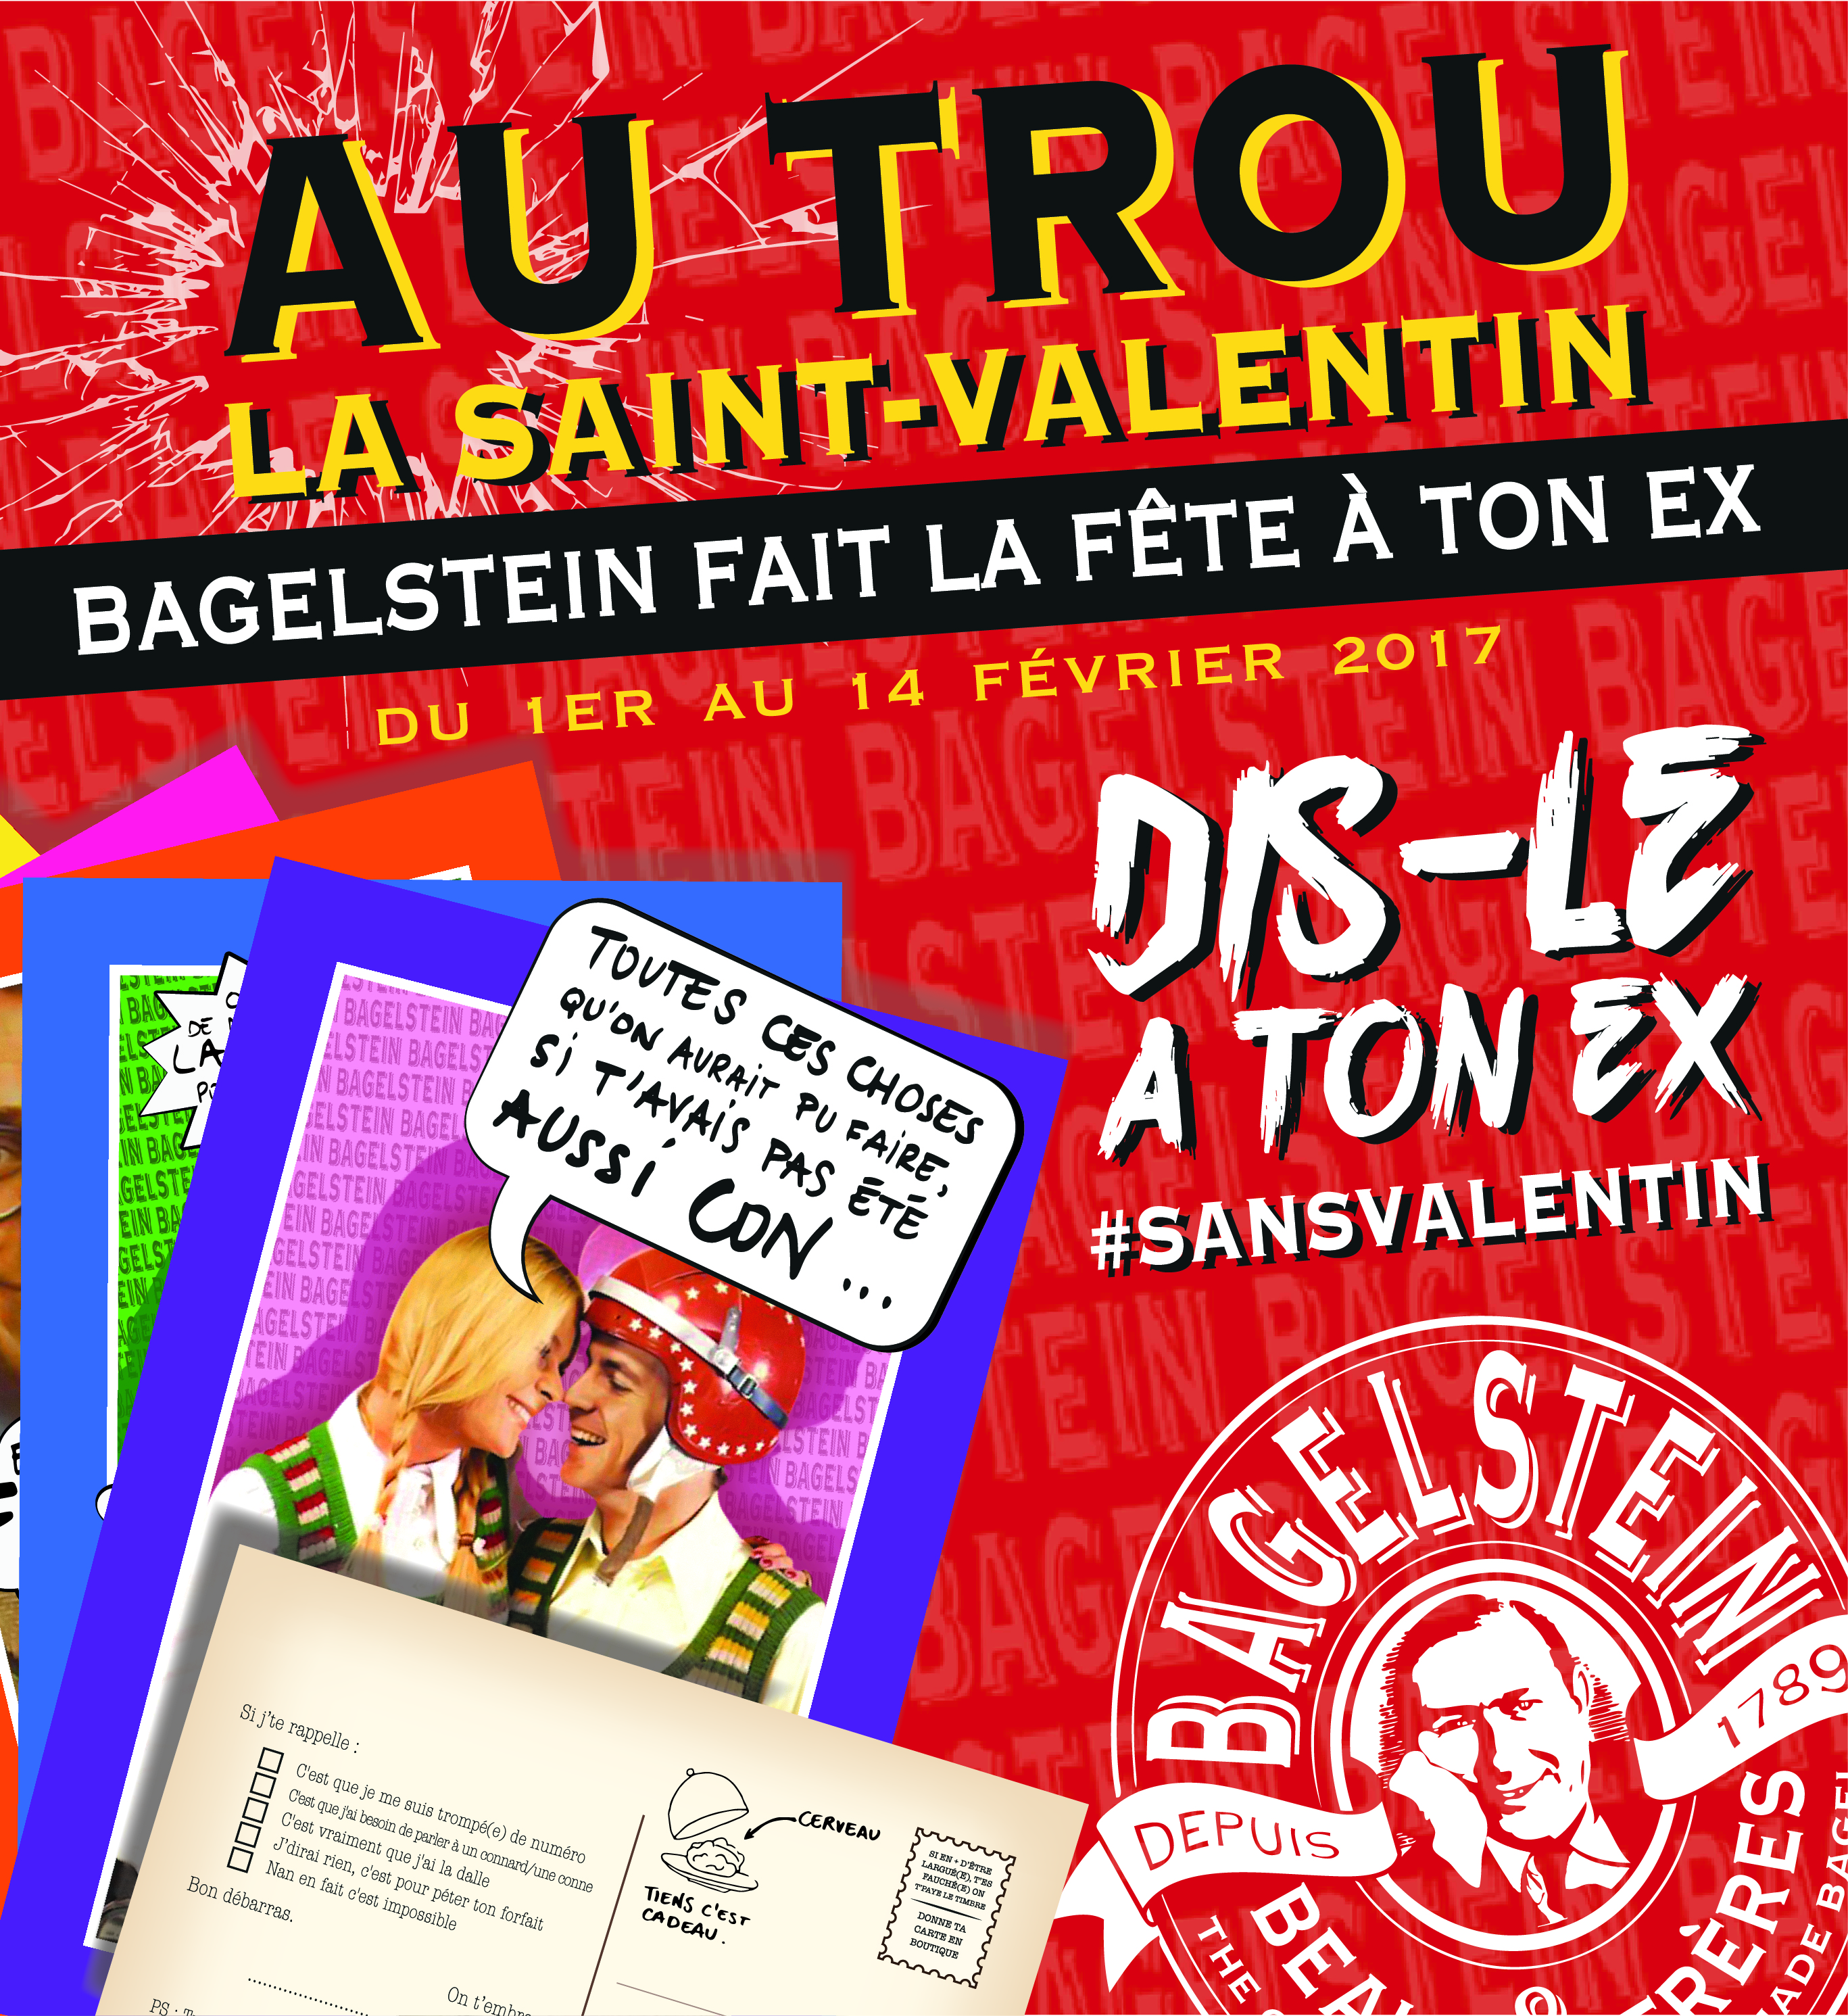 Bagelstein SansValentin Print